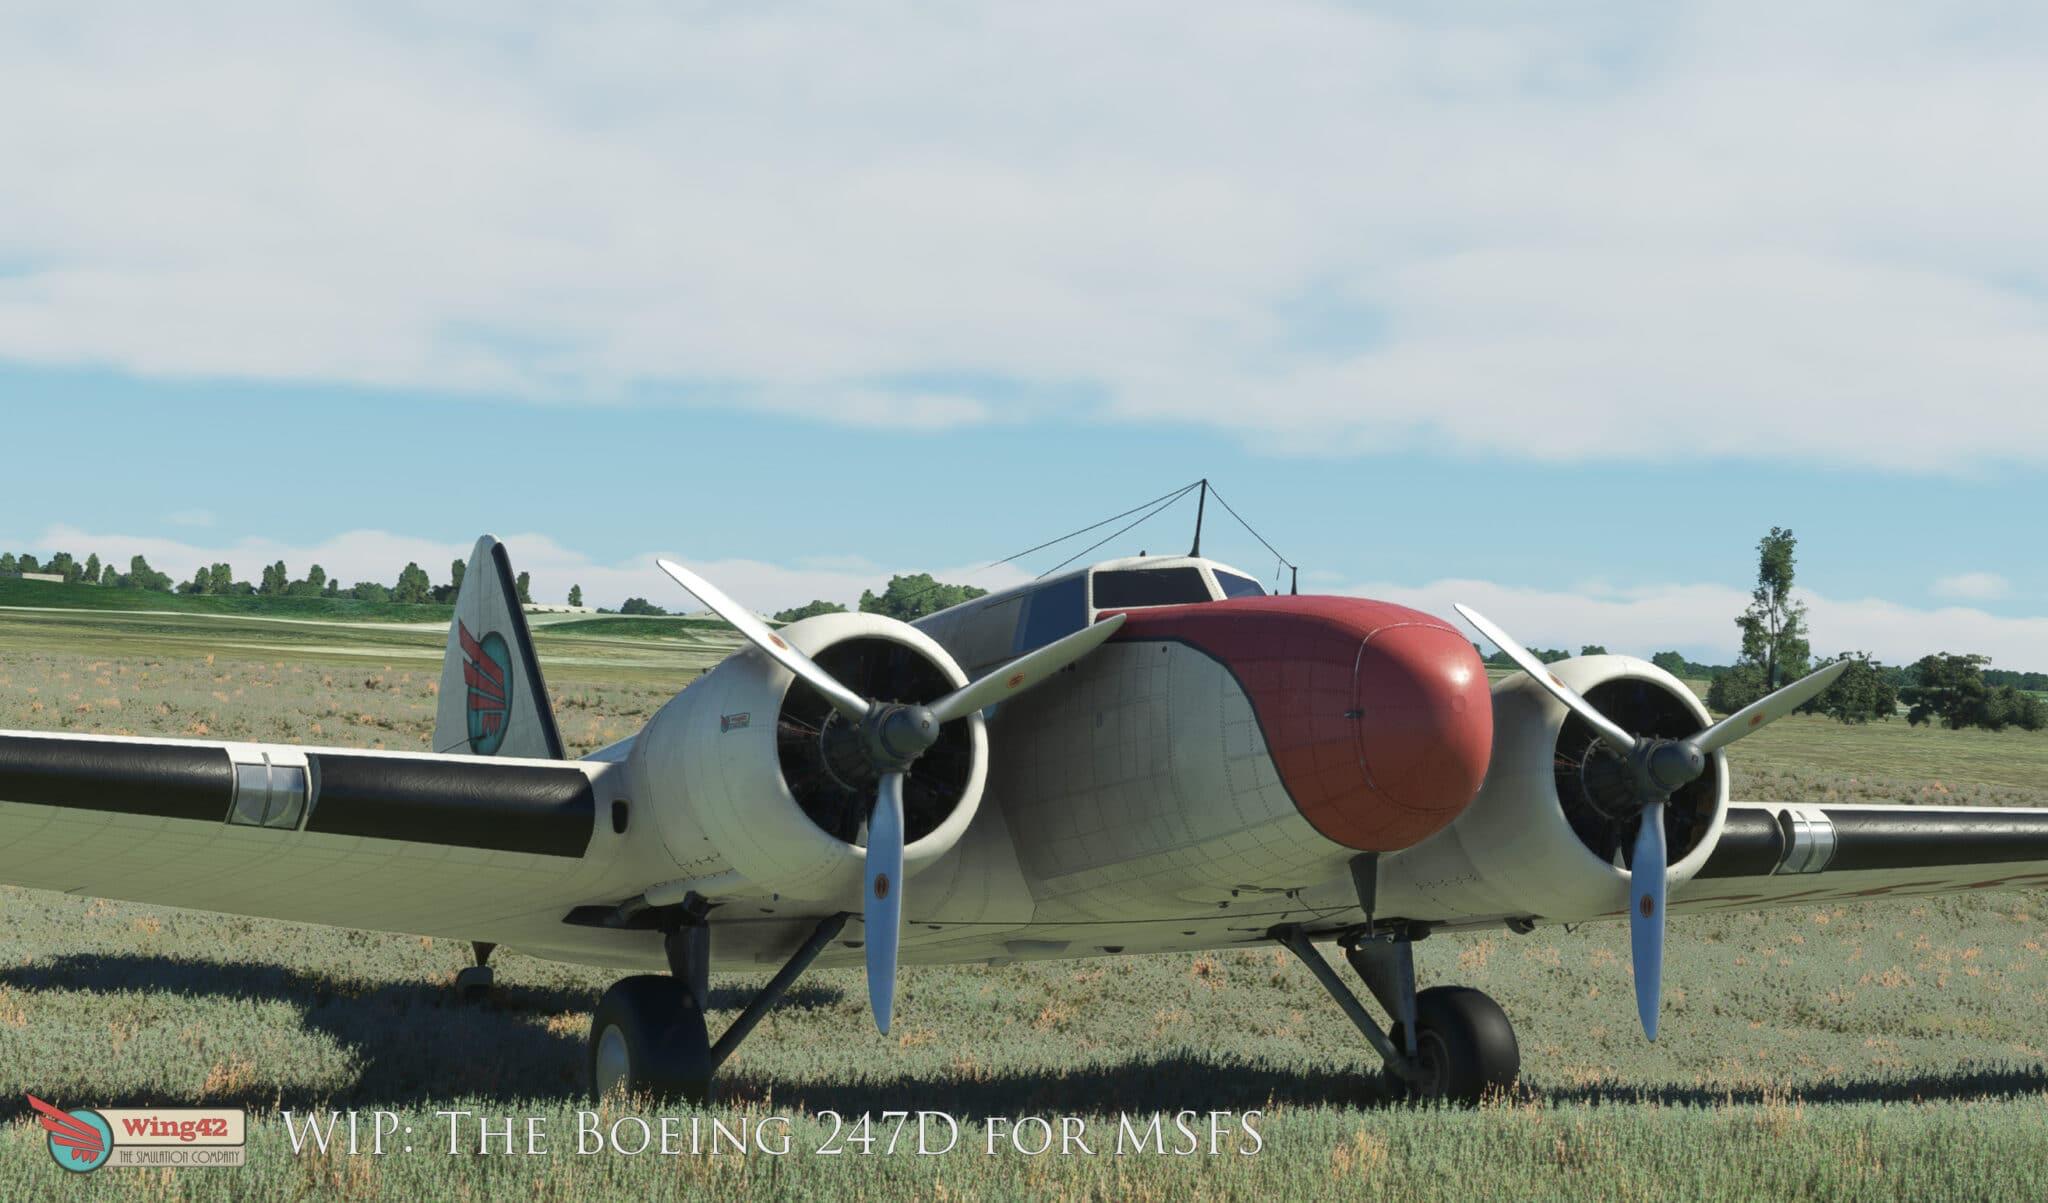 wing42_b247_wip_057-2048x1203-2